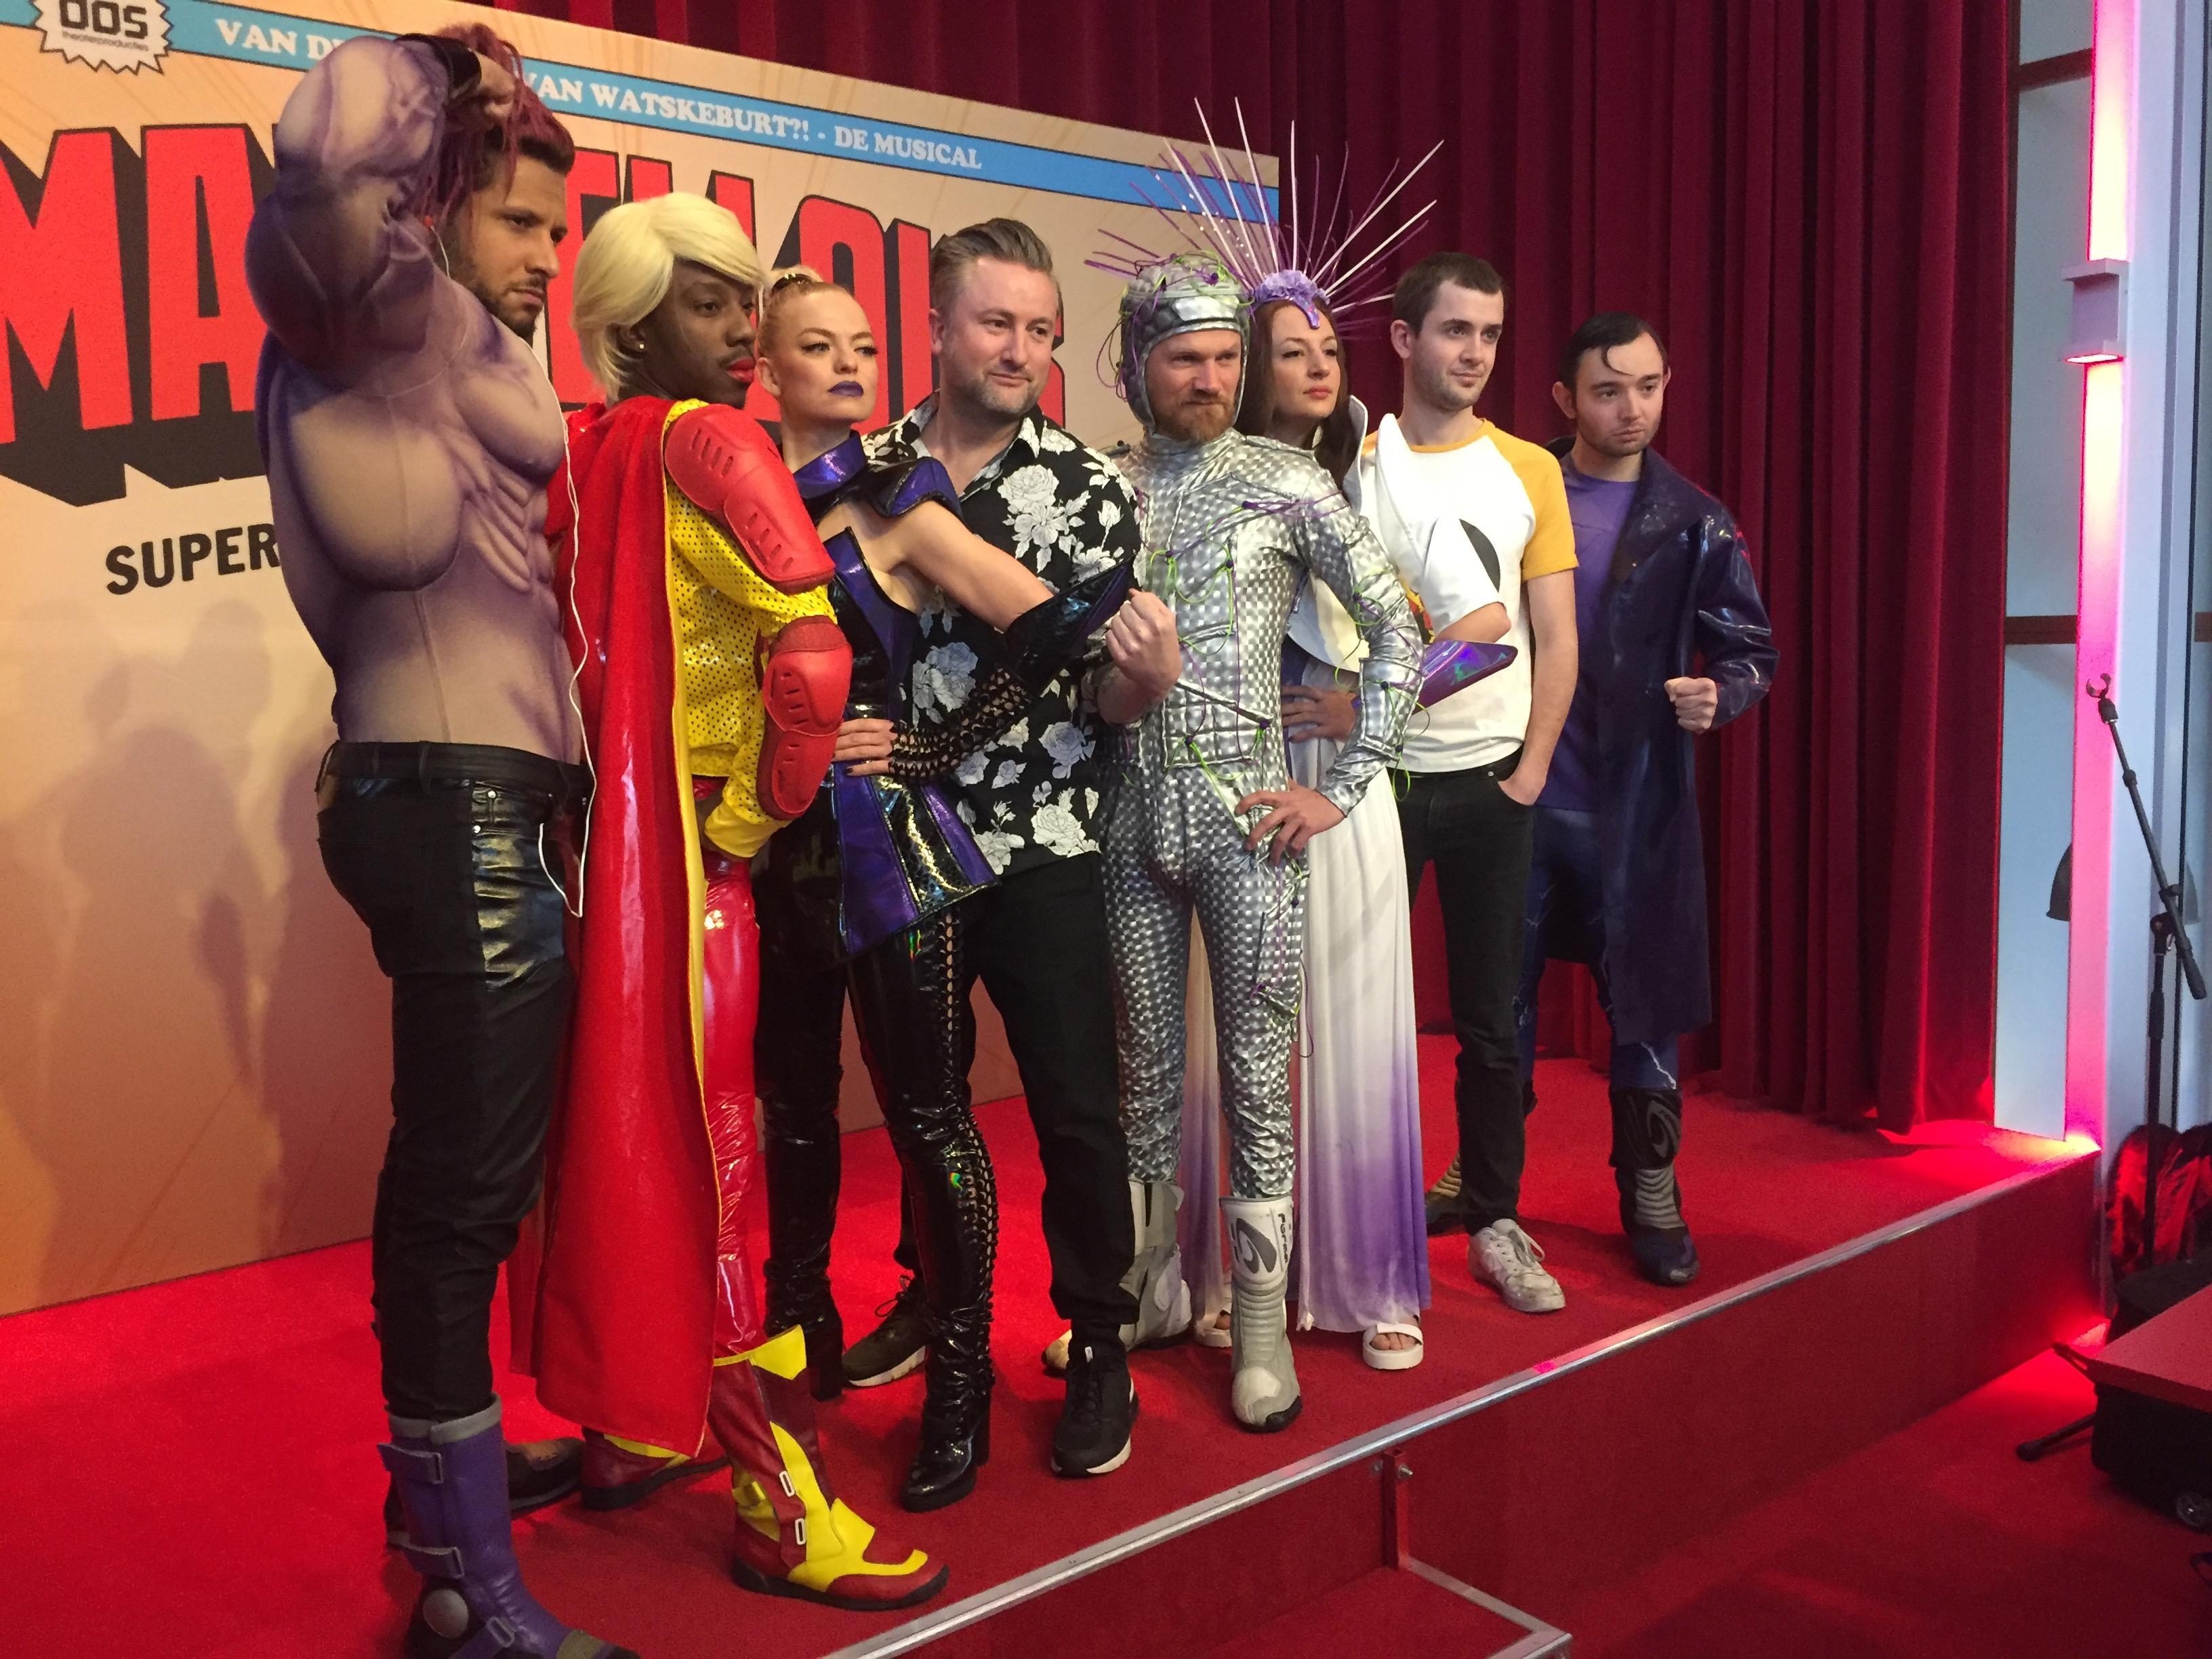 Superheldenmusical en een zaal vol Metrolezers